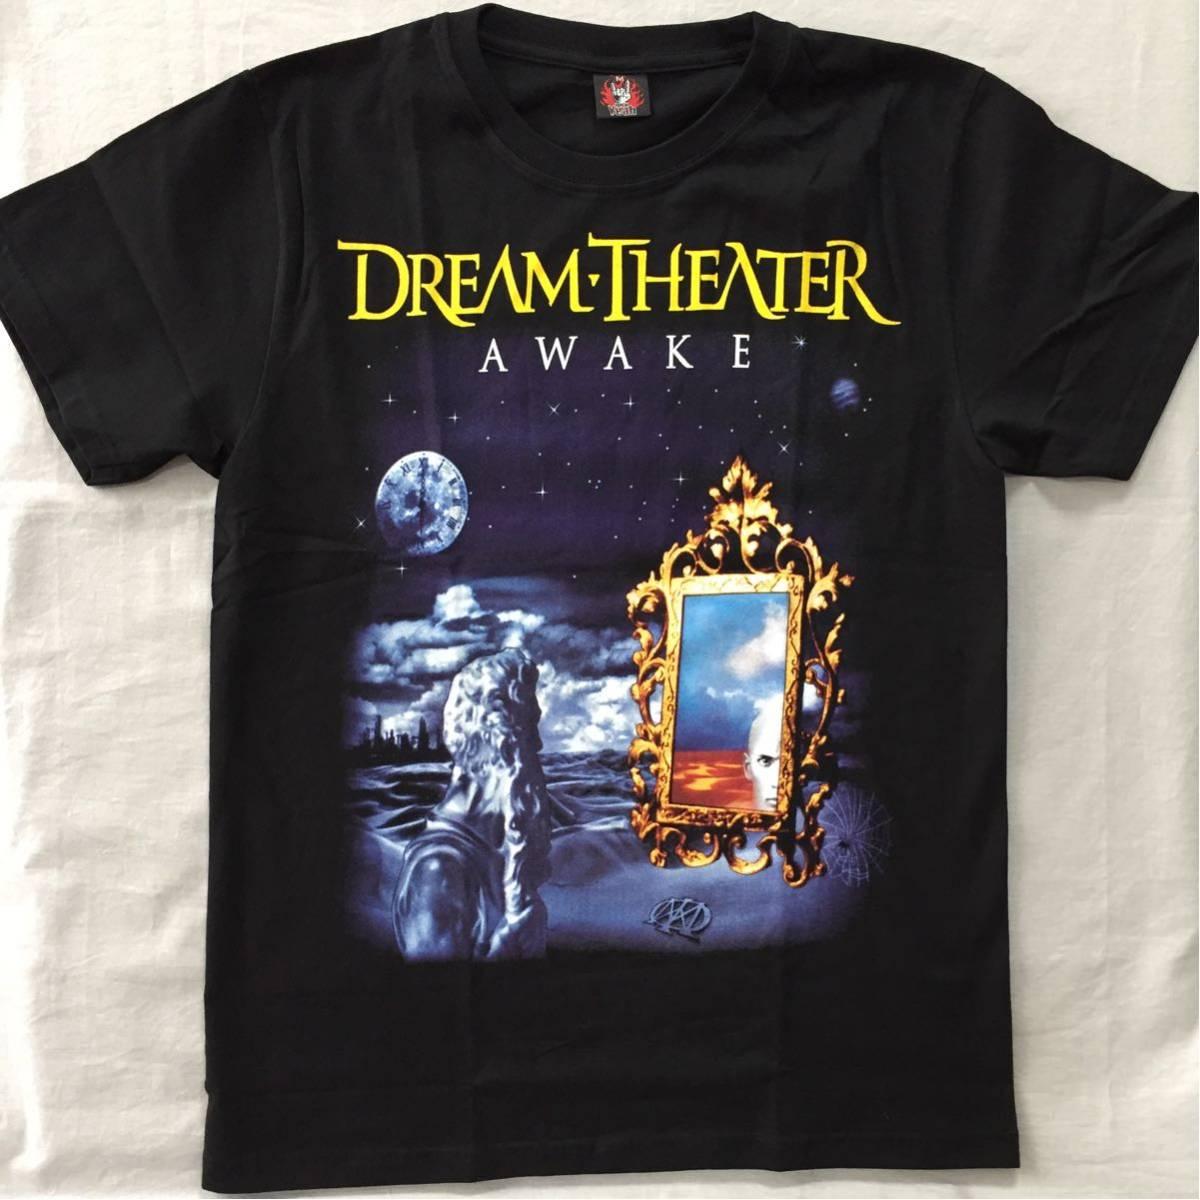 バンドTシャツ ドリームシアター(DREAM THEATE R) 新品 M